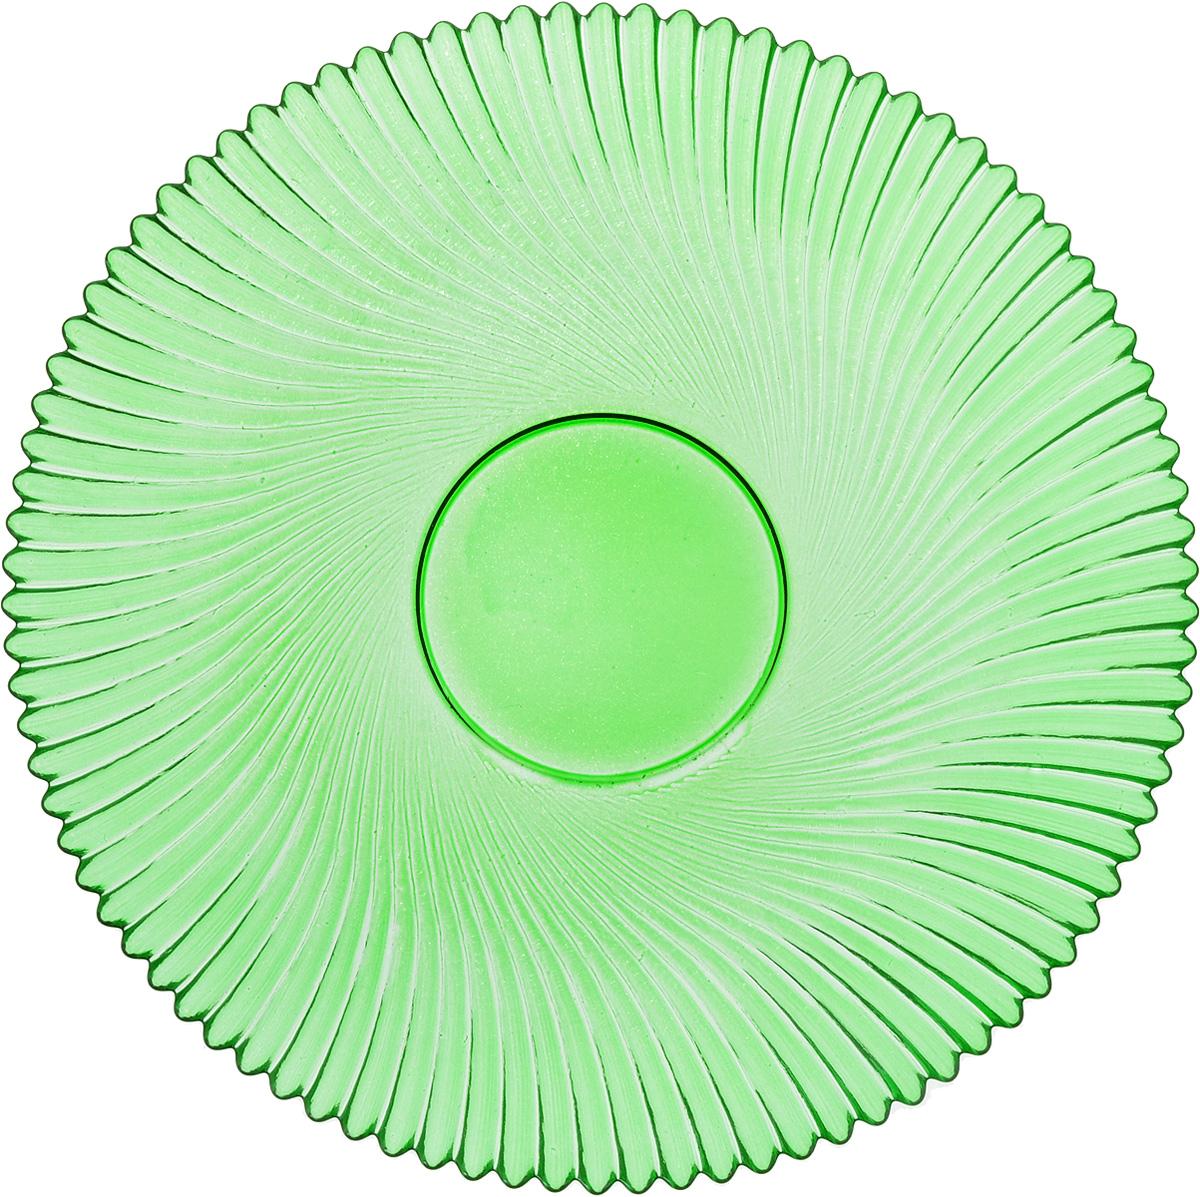 Тарелка NiNaGlass Альтера, цвет: зеленый, диаметр 21 см83-066-ф210 ЗЕЛТарелка NiNaGlass Альтера выполнена из высококачественного стекла и оформлена красивым рельефным узором. Тарелка идеальна для подачи вторых блюд, а также сервировки закусок, нарезок, десертов и многого другого. Она отлично подойдет как для повседневных, так и для торжественных случаев. Такая тарелка прекрасно впишется в интерьер вашей кухни и станет достойным дополнением к кухонному инвентарю.